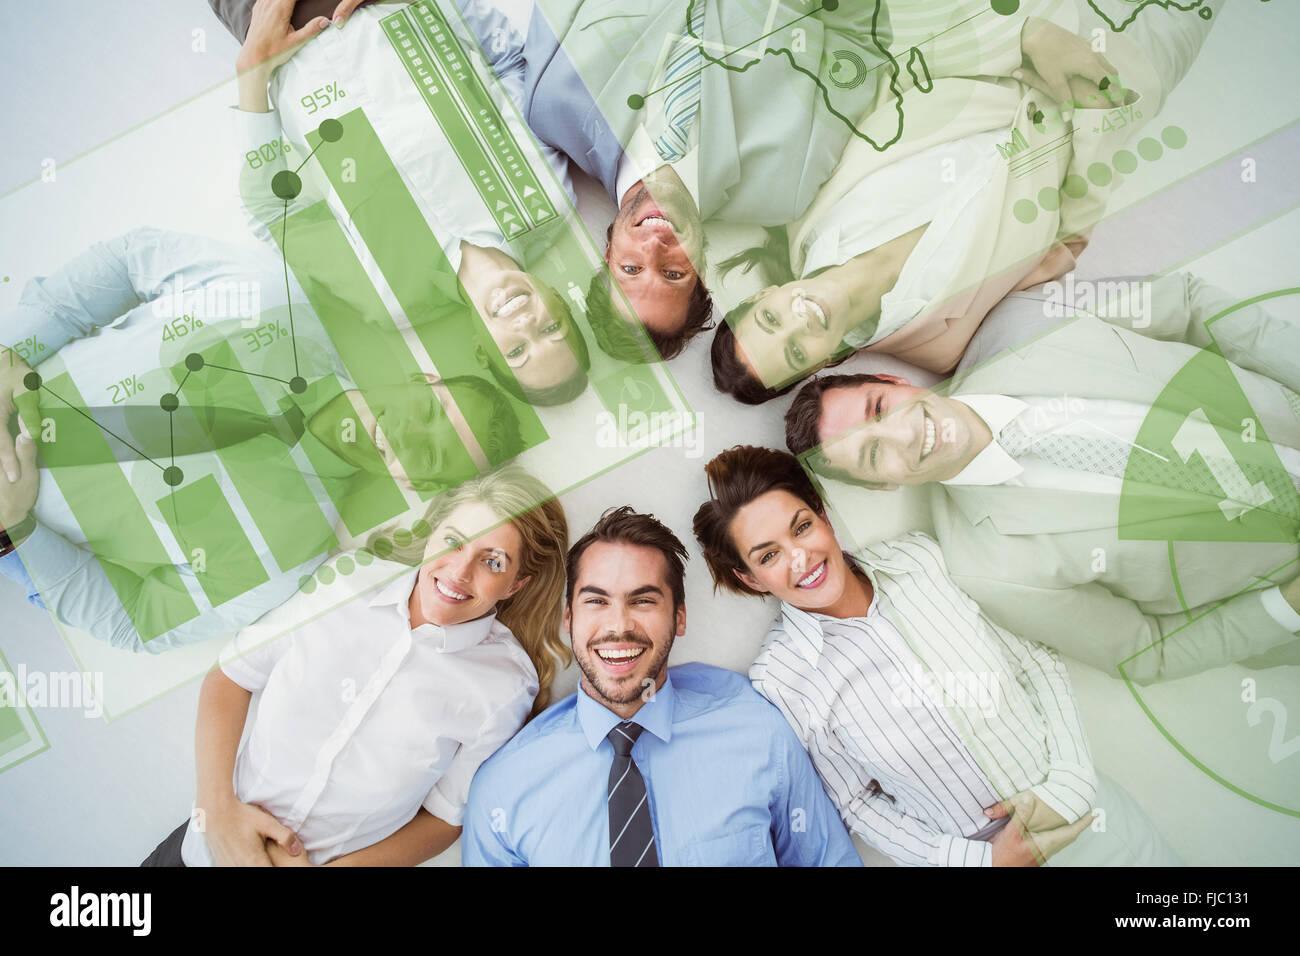 Zusammengesetztes Bild von jungen Geschäftsleuten im Kreis liegen Stockbild